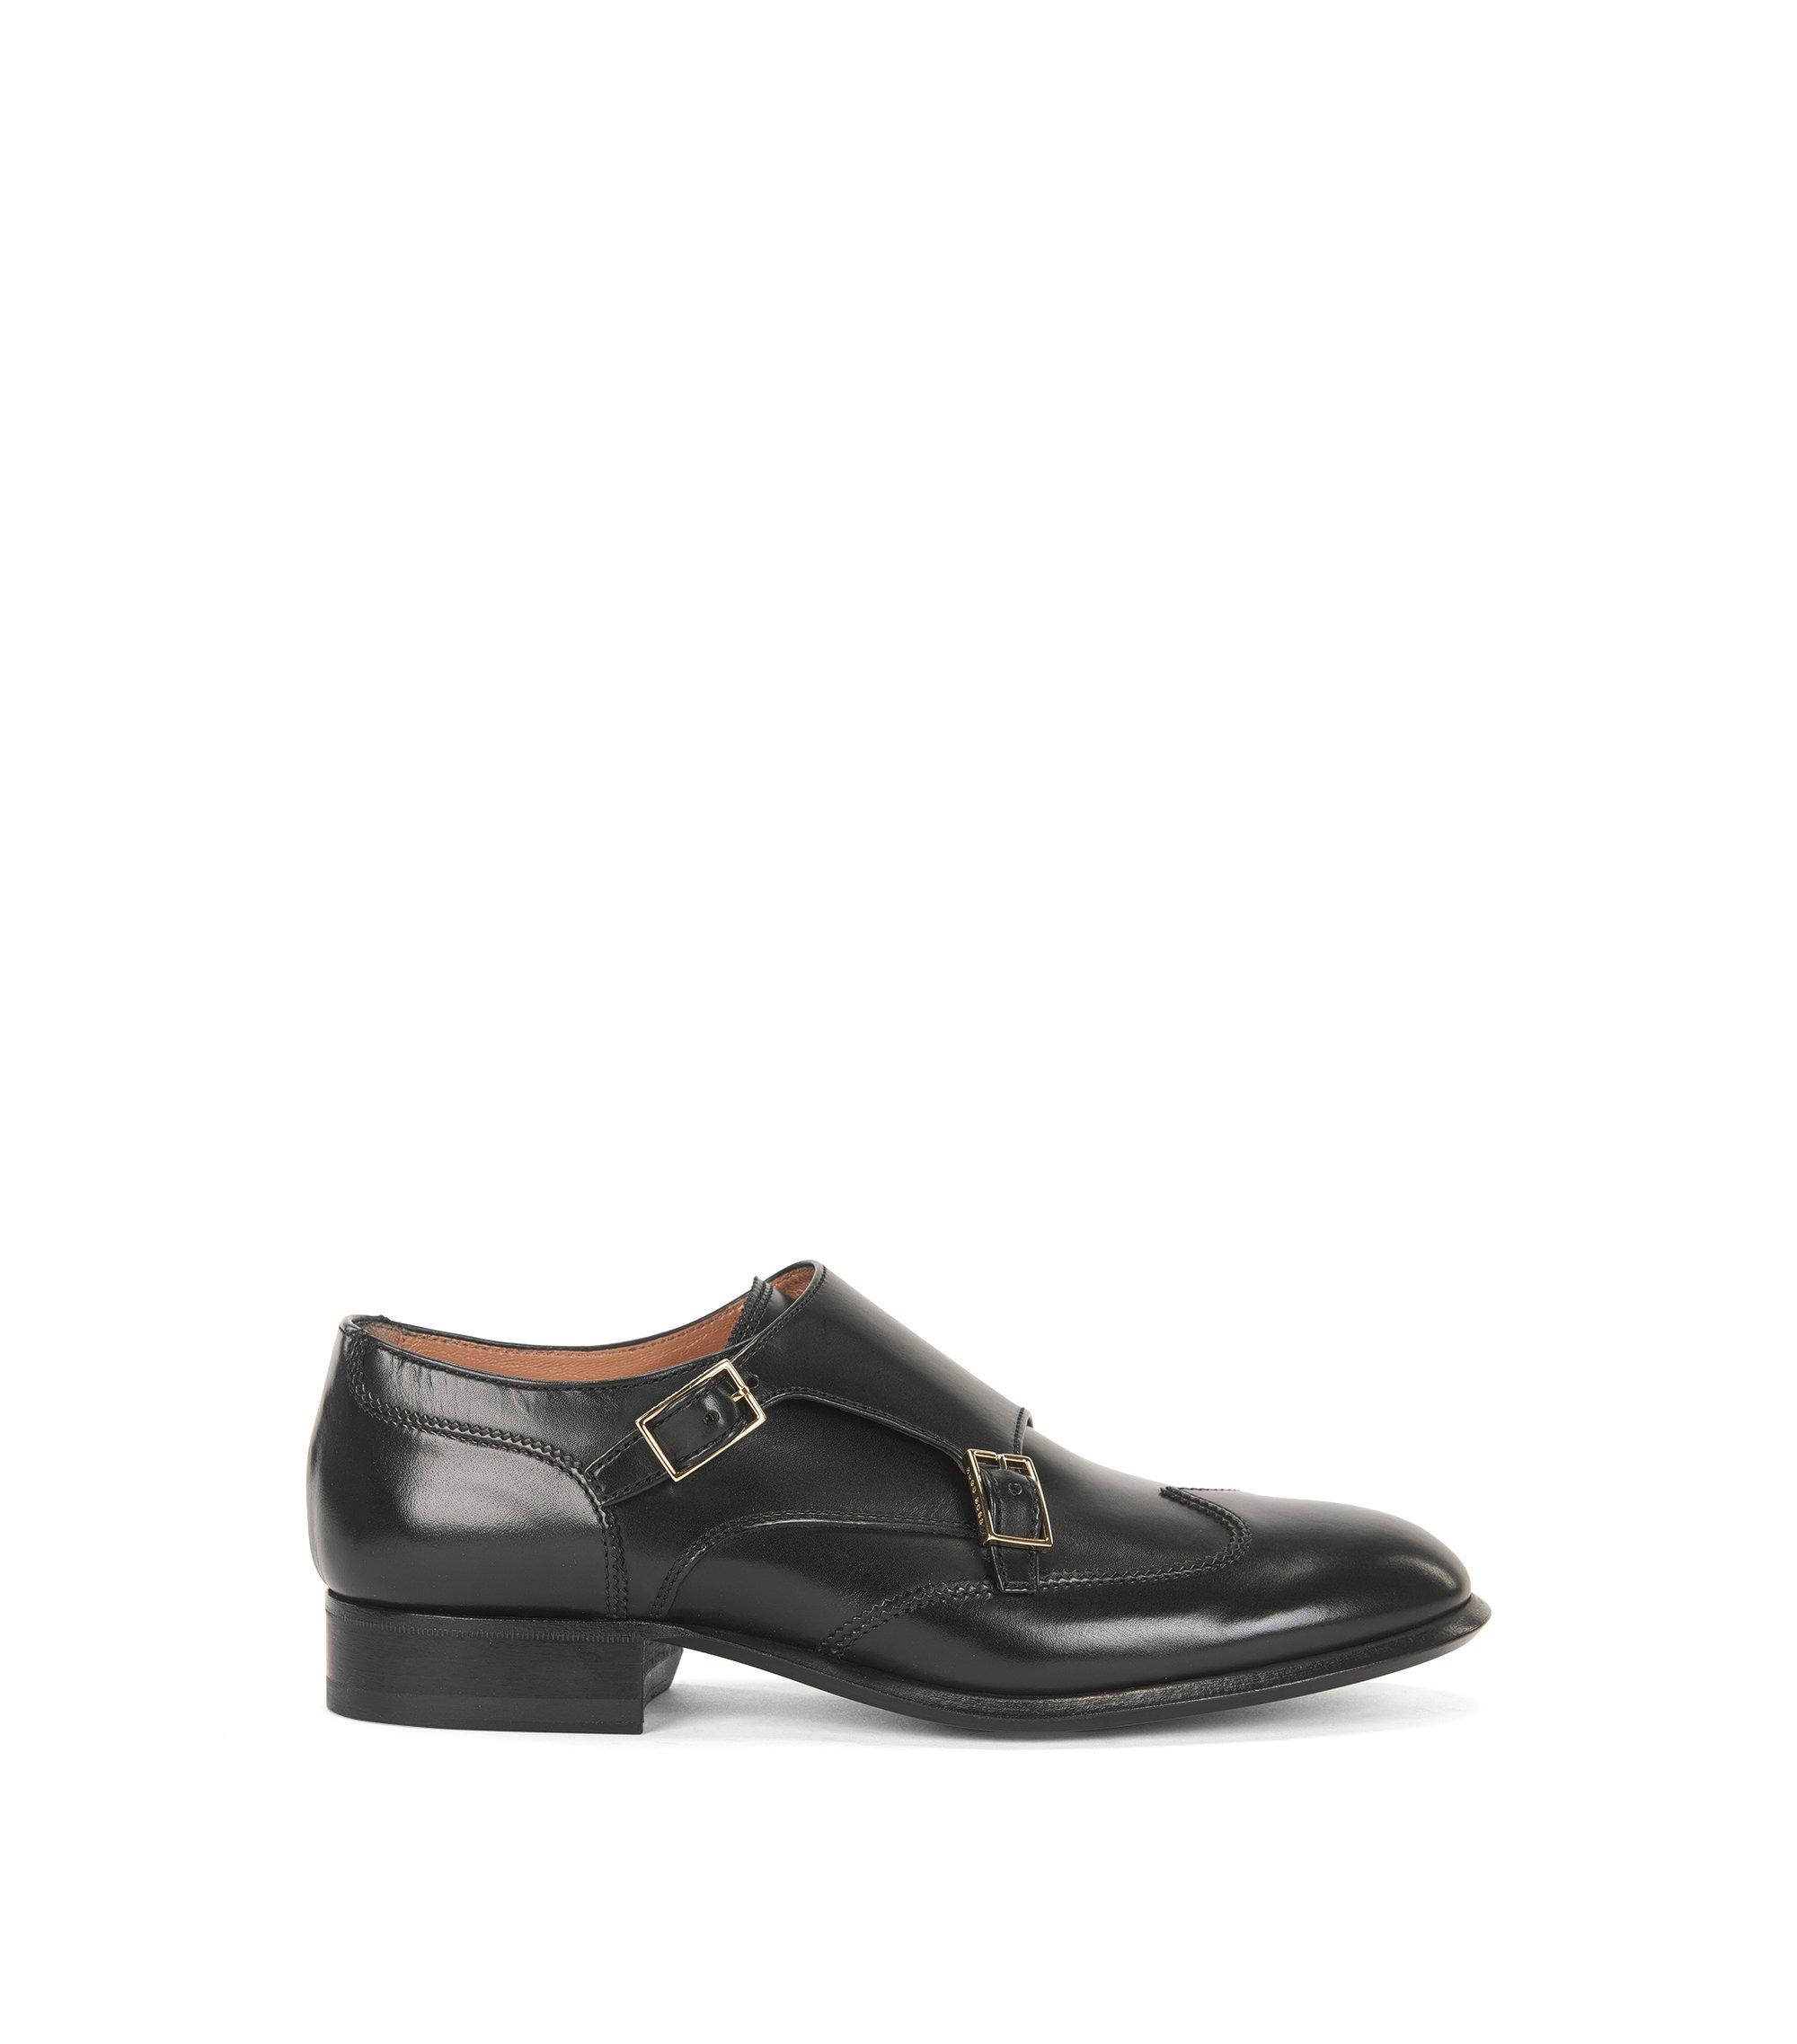 Chaussures double boucle en cuir italien, Noir